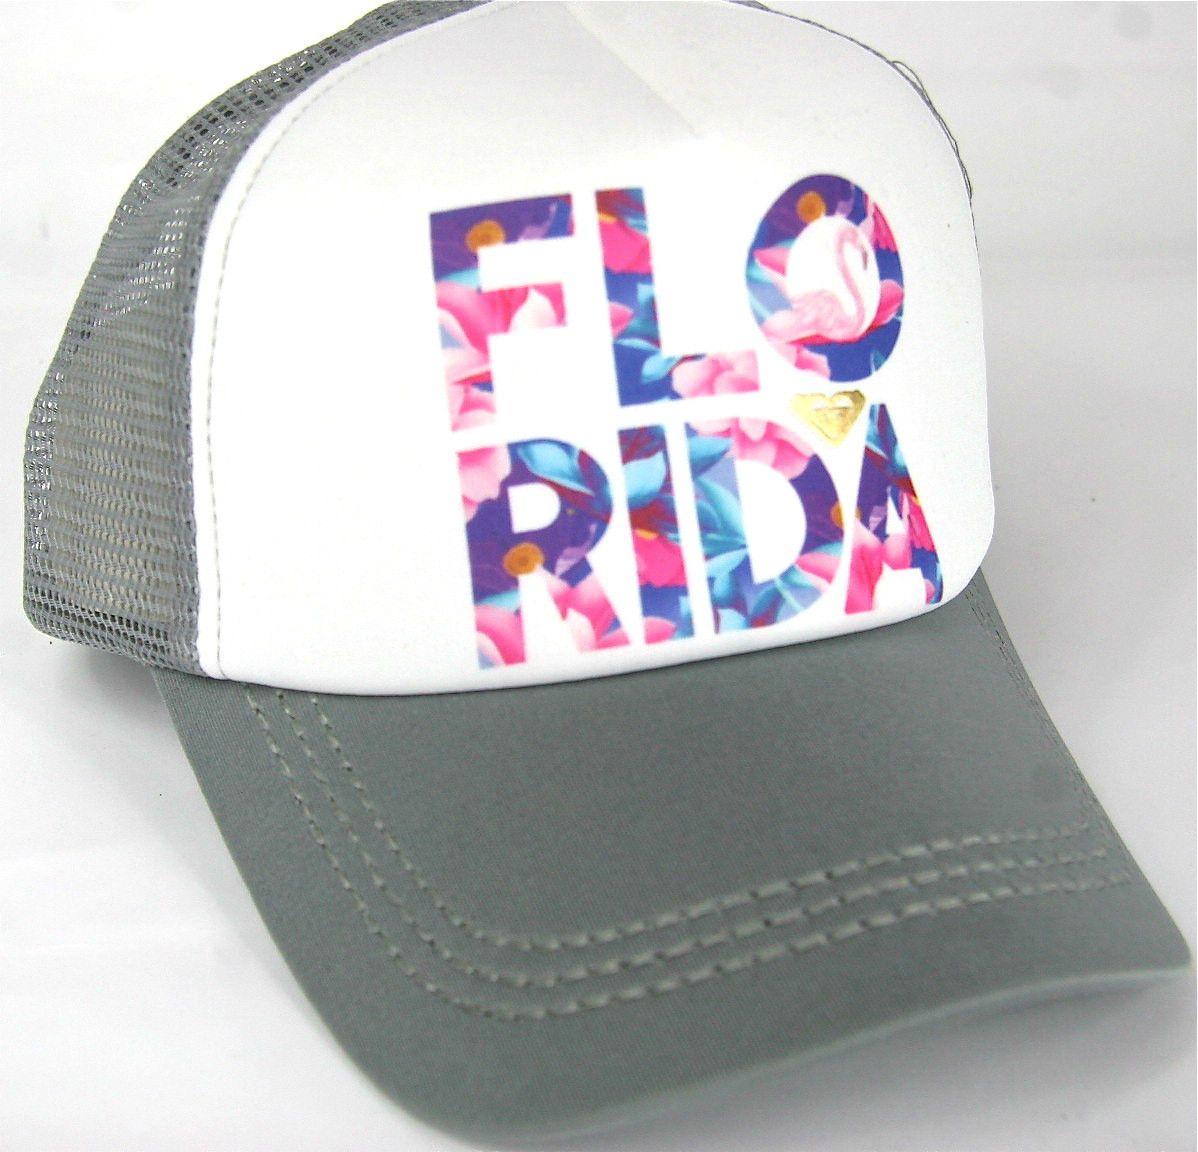 09032e3c4c53aa Roxy Snapback Trucker Cap Flo Rida Florida Roxy Beach Surf Gray White Roxy  Hat